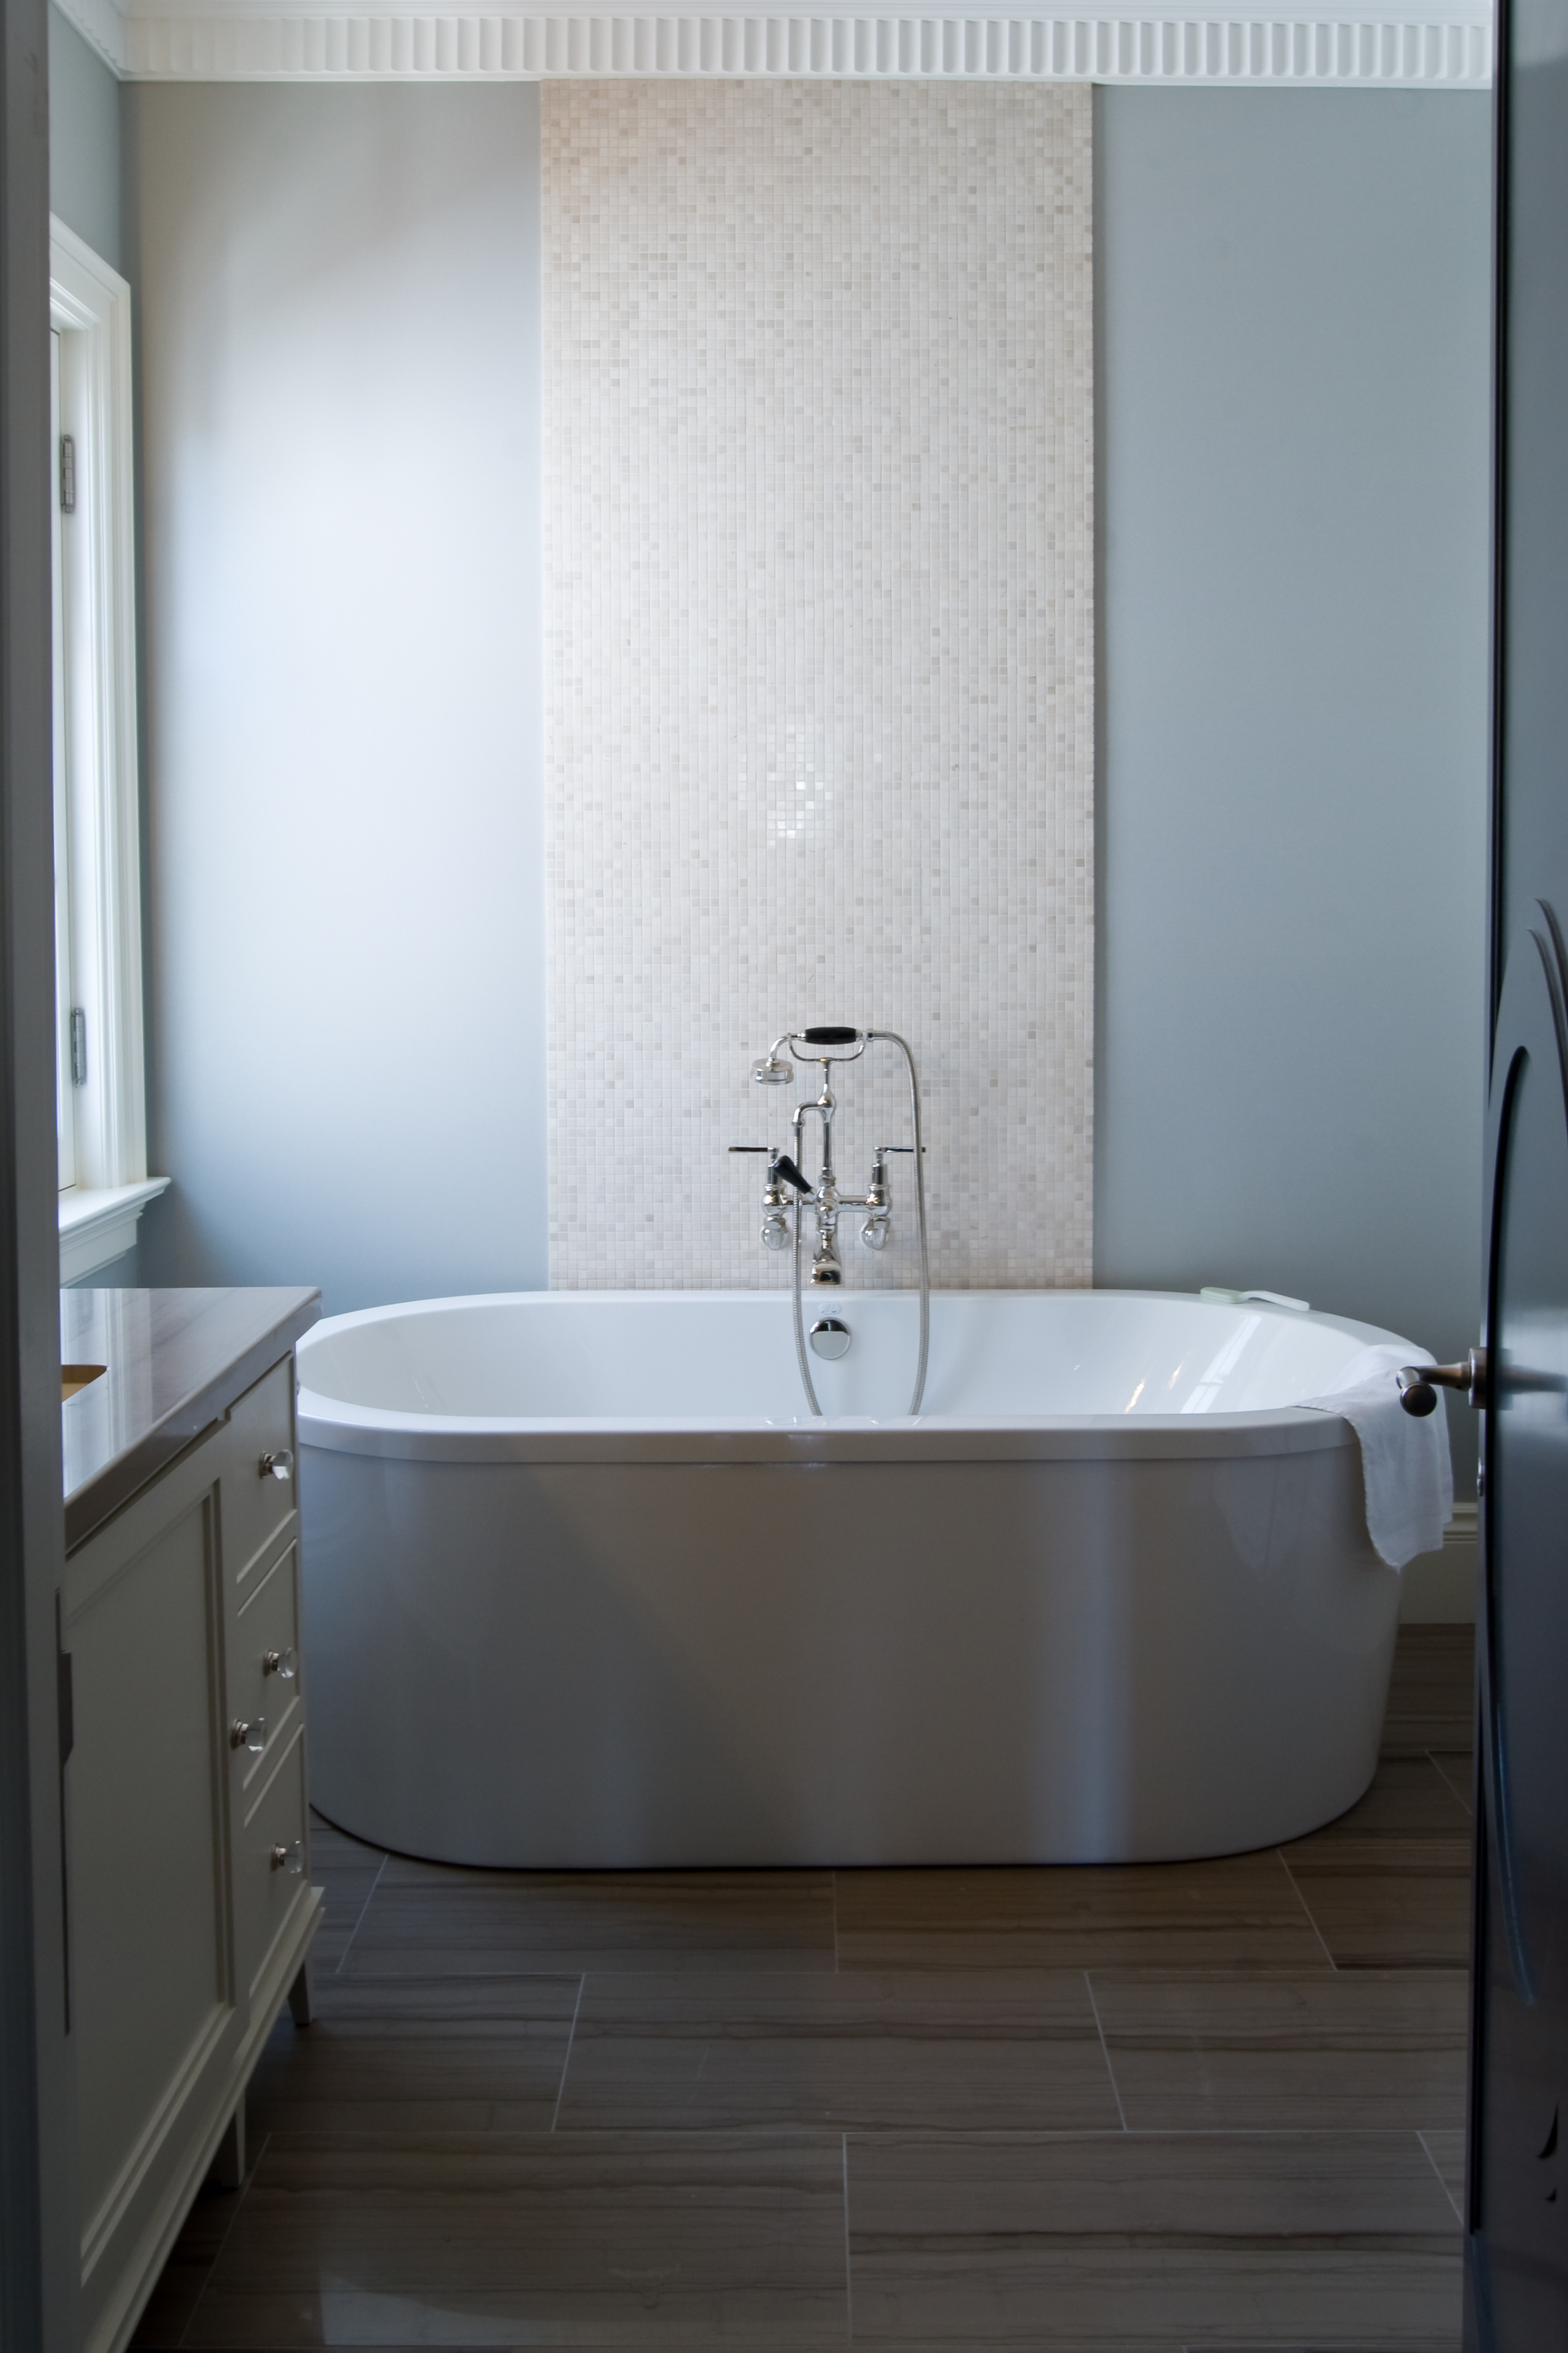 20100128-interior her master bath-2.jpg